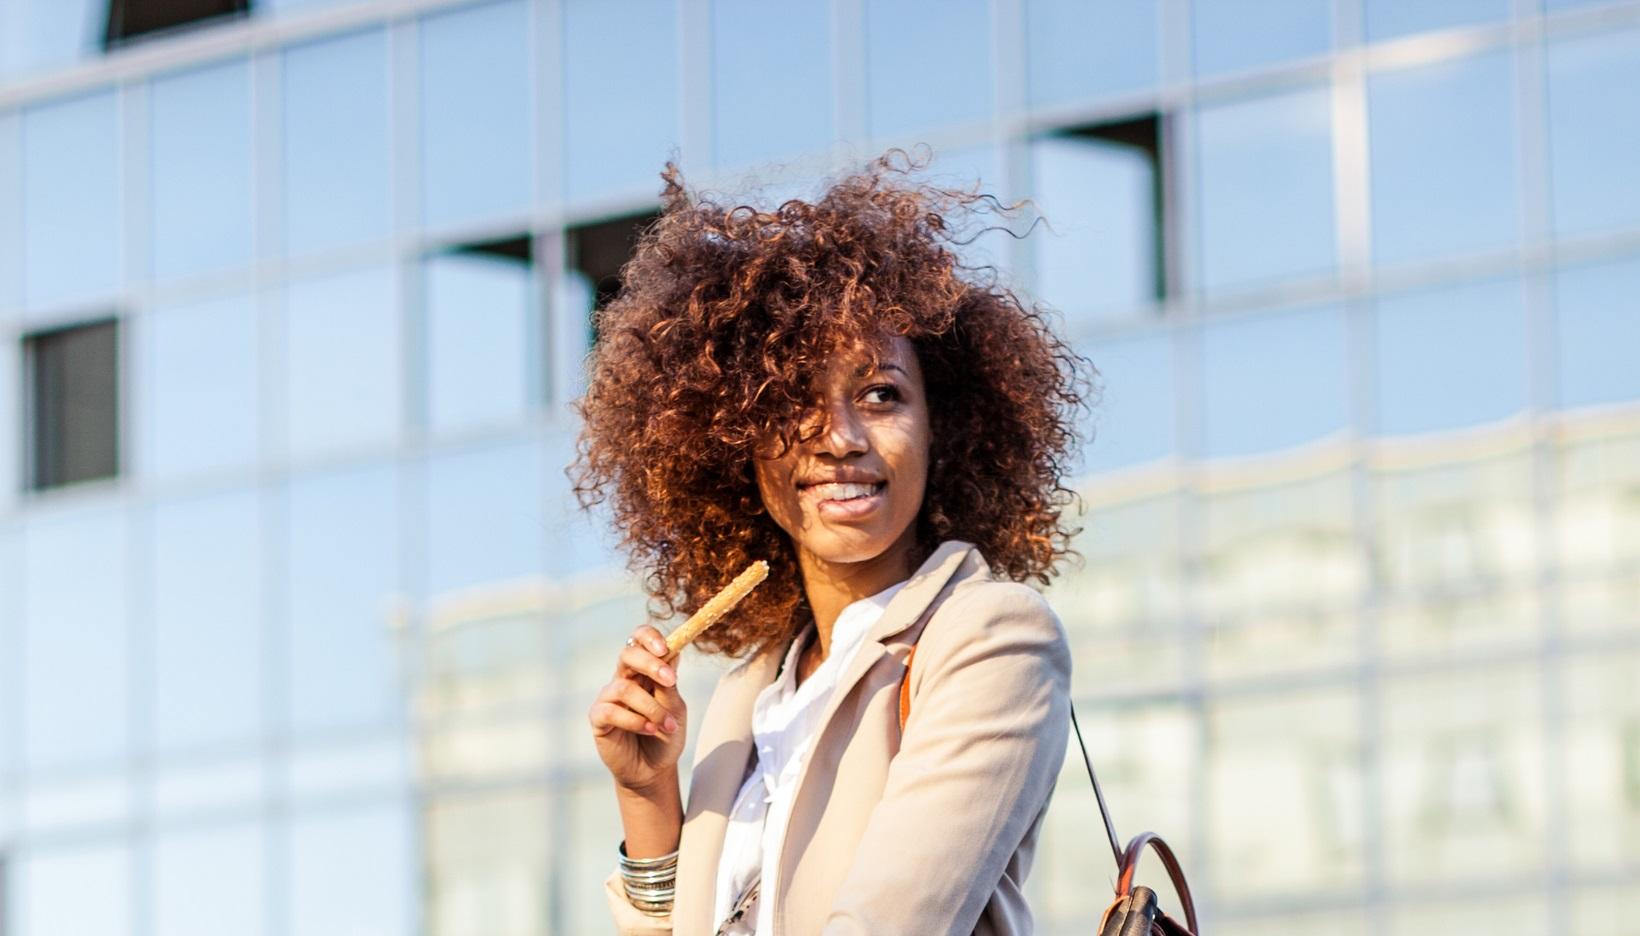 Franja para rosto redondo: saiba como escolher a franja ideal